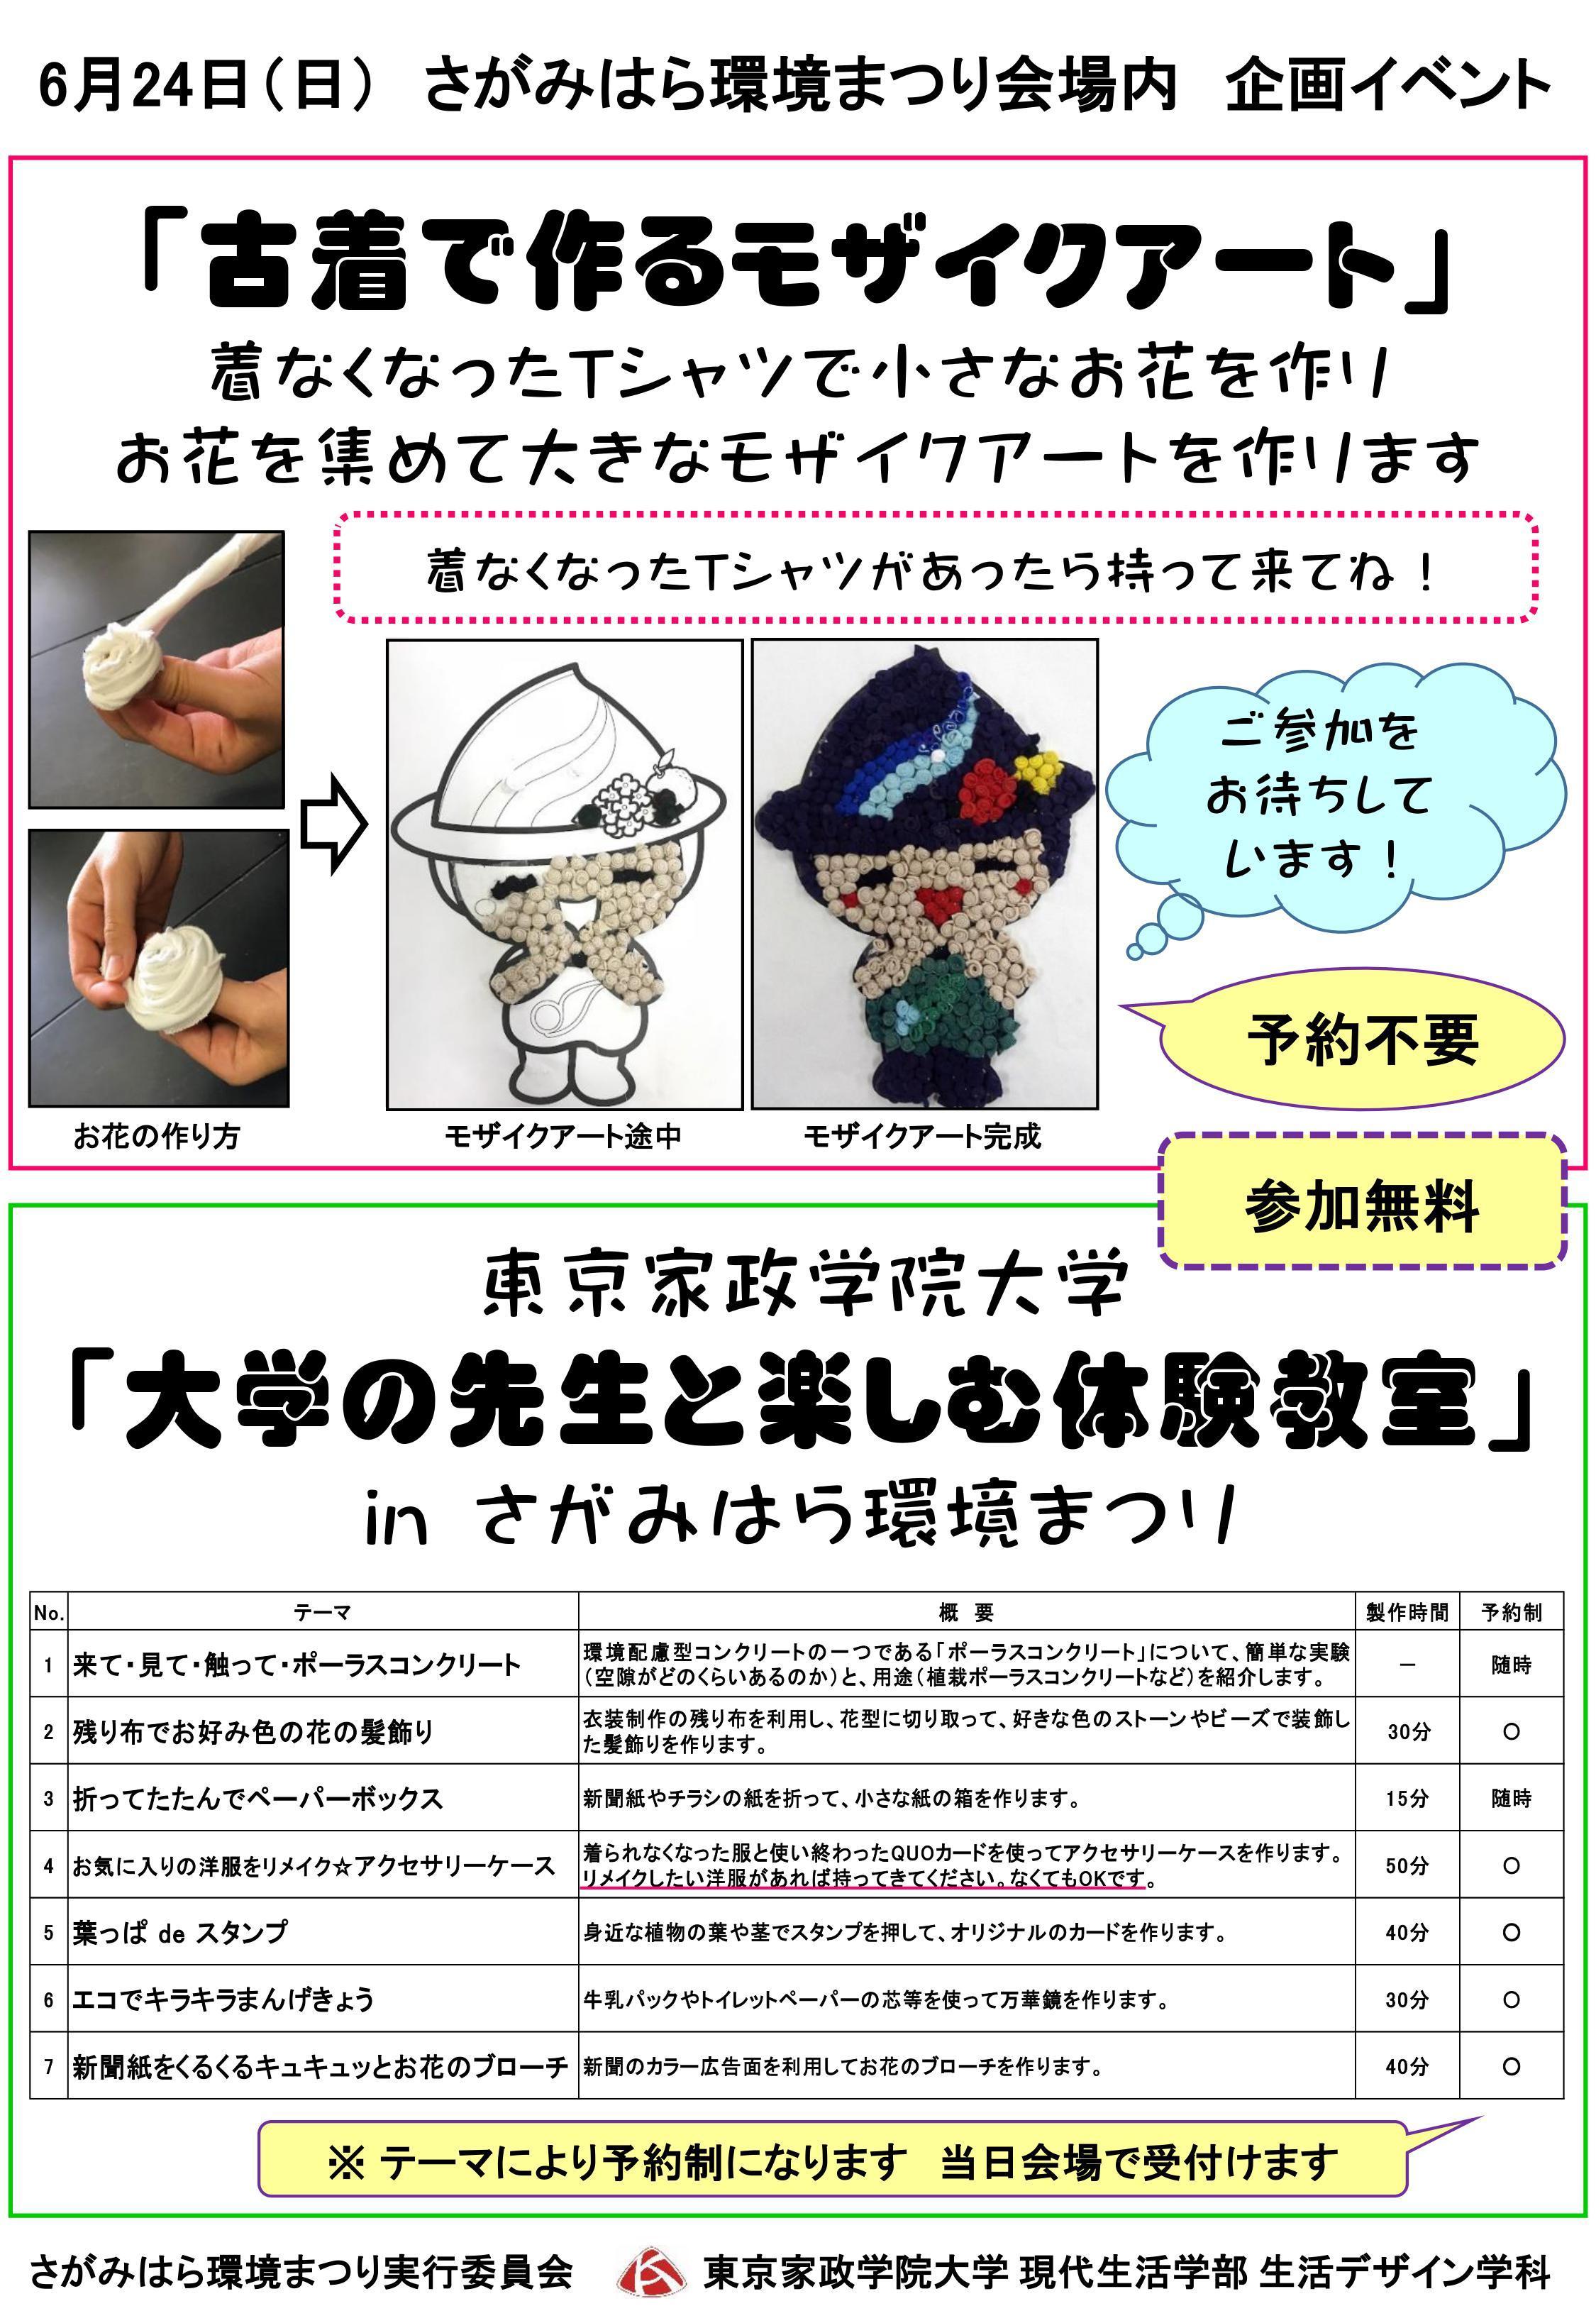 東京家政学院大学:生活デザイン学科の学生が「さがみはら環境まつり」に参加します